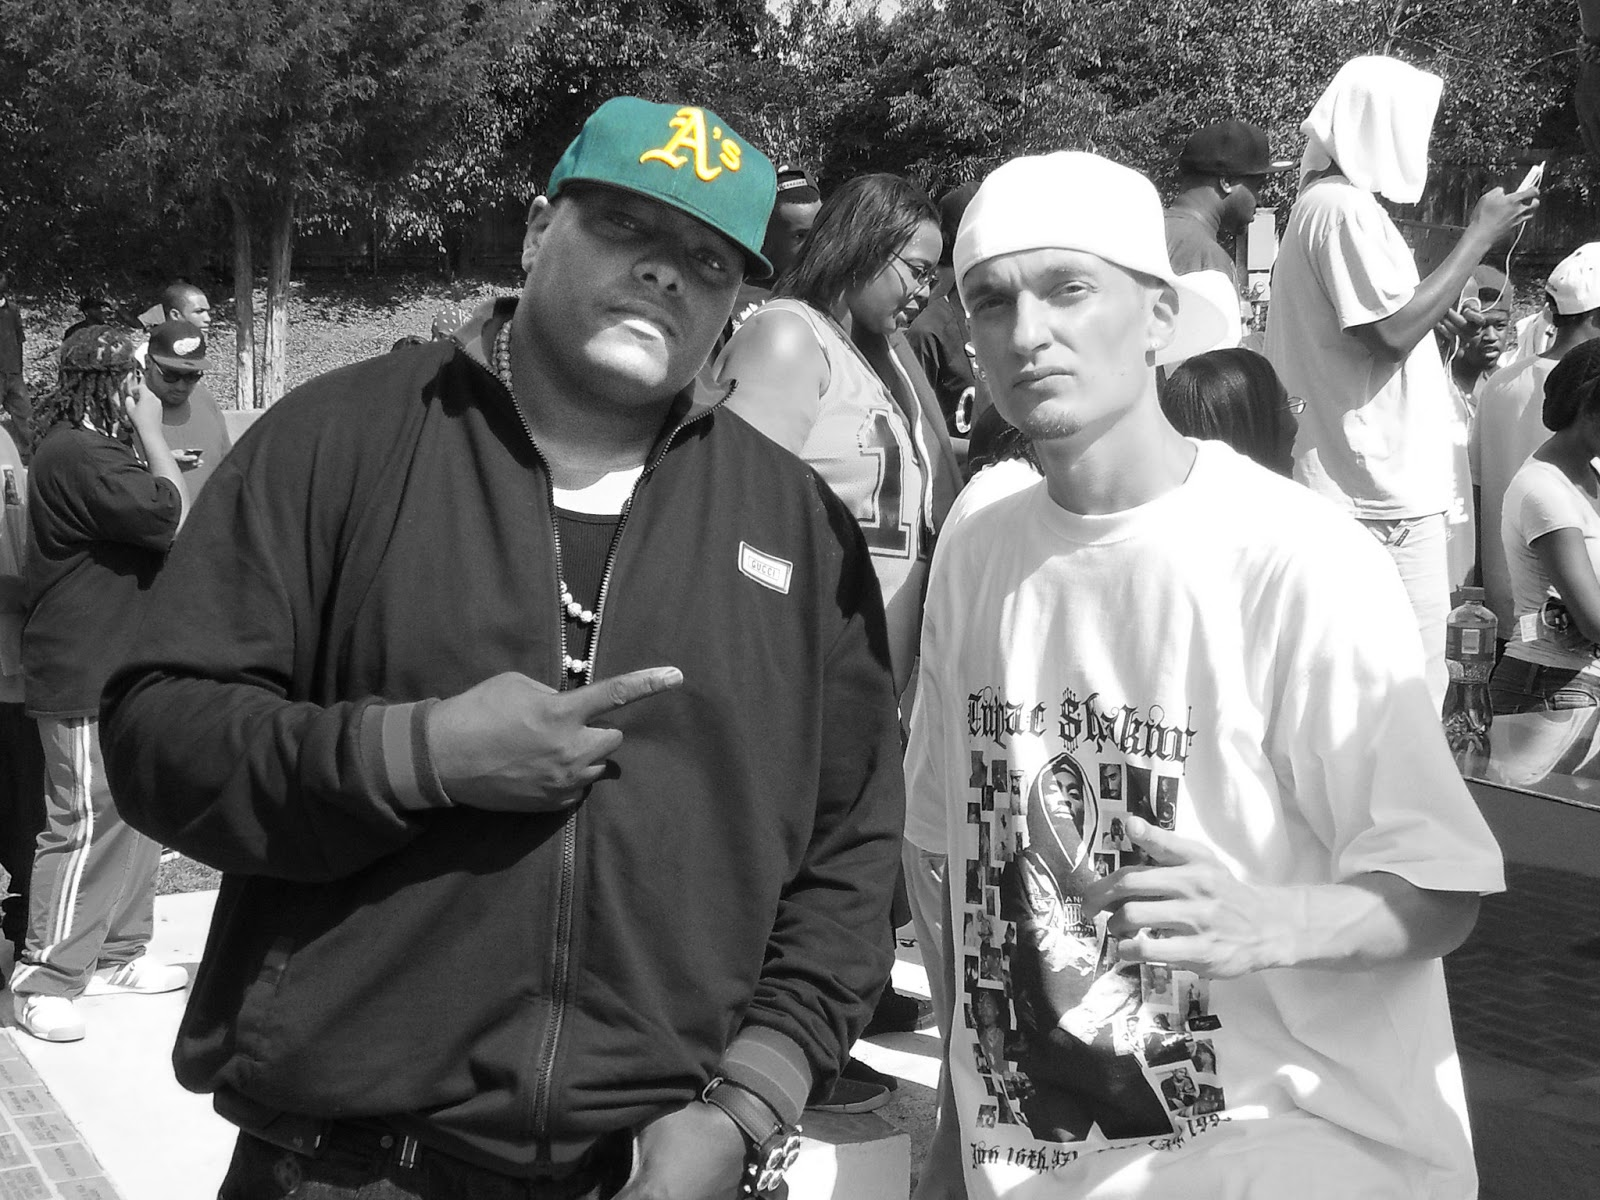 Eminem and lil wayne together